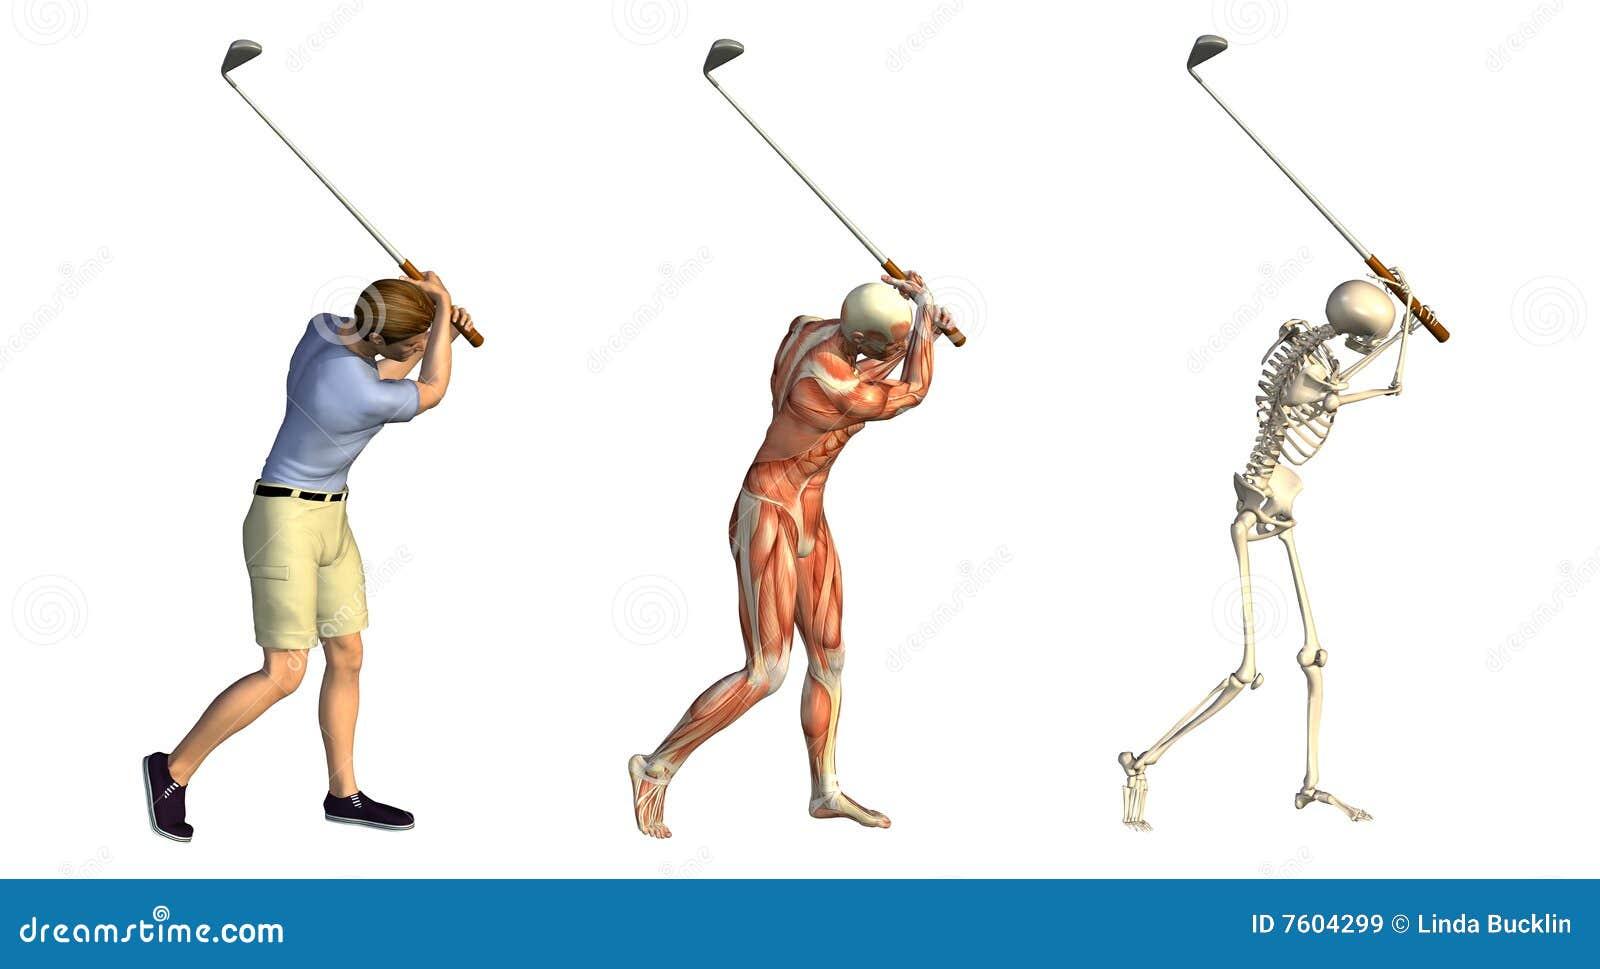 Nett Golfclub Anatomie Zeitgenössisch - Anatomie Von Menschlichen ...